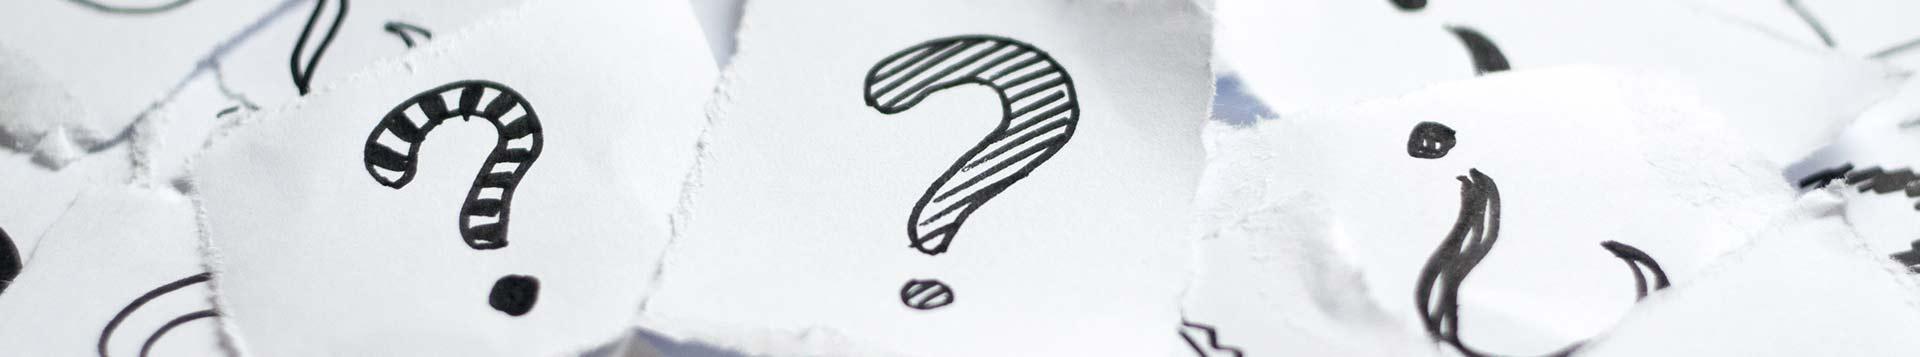 Често задавани въпроси